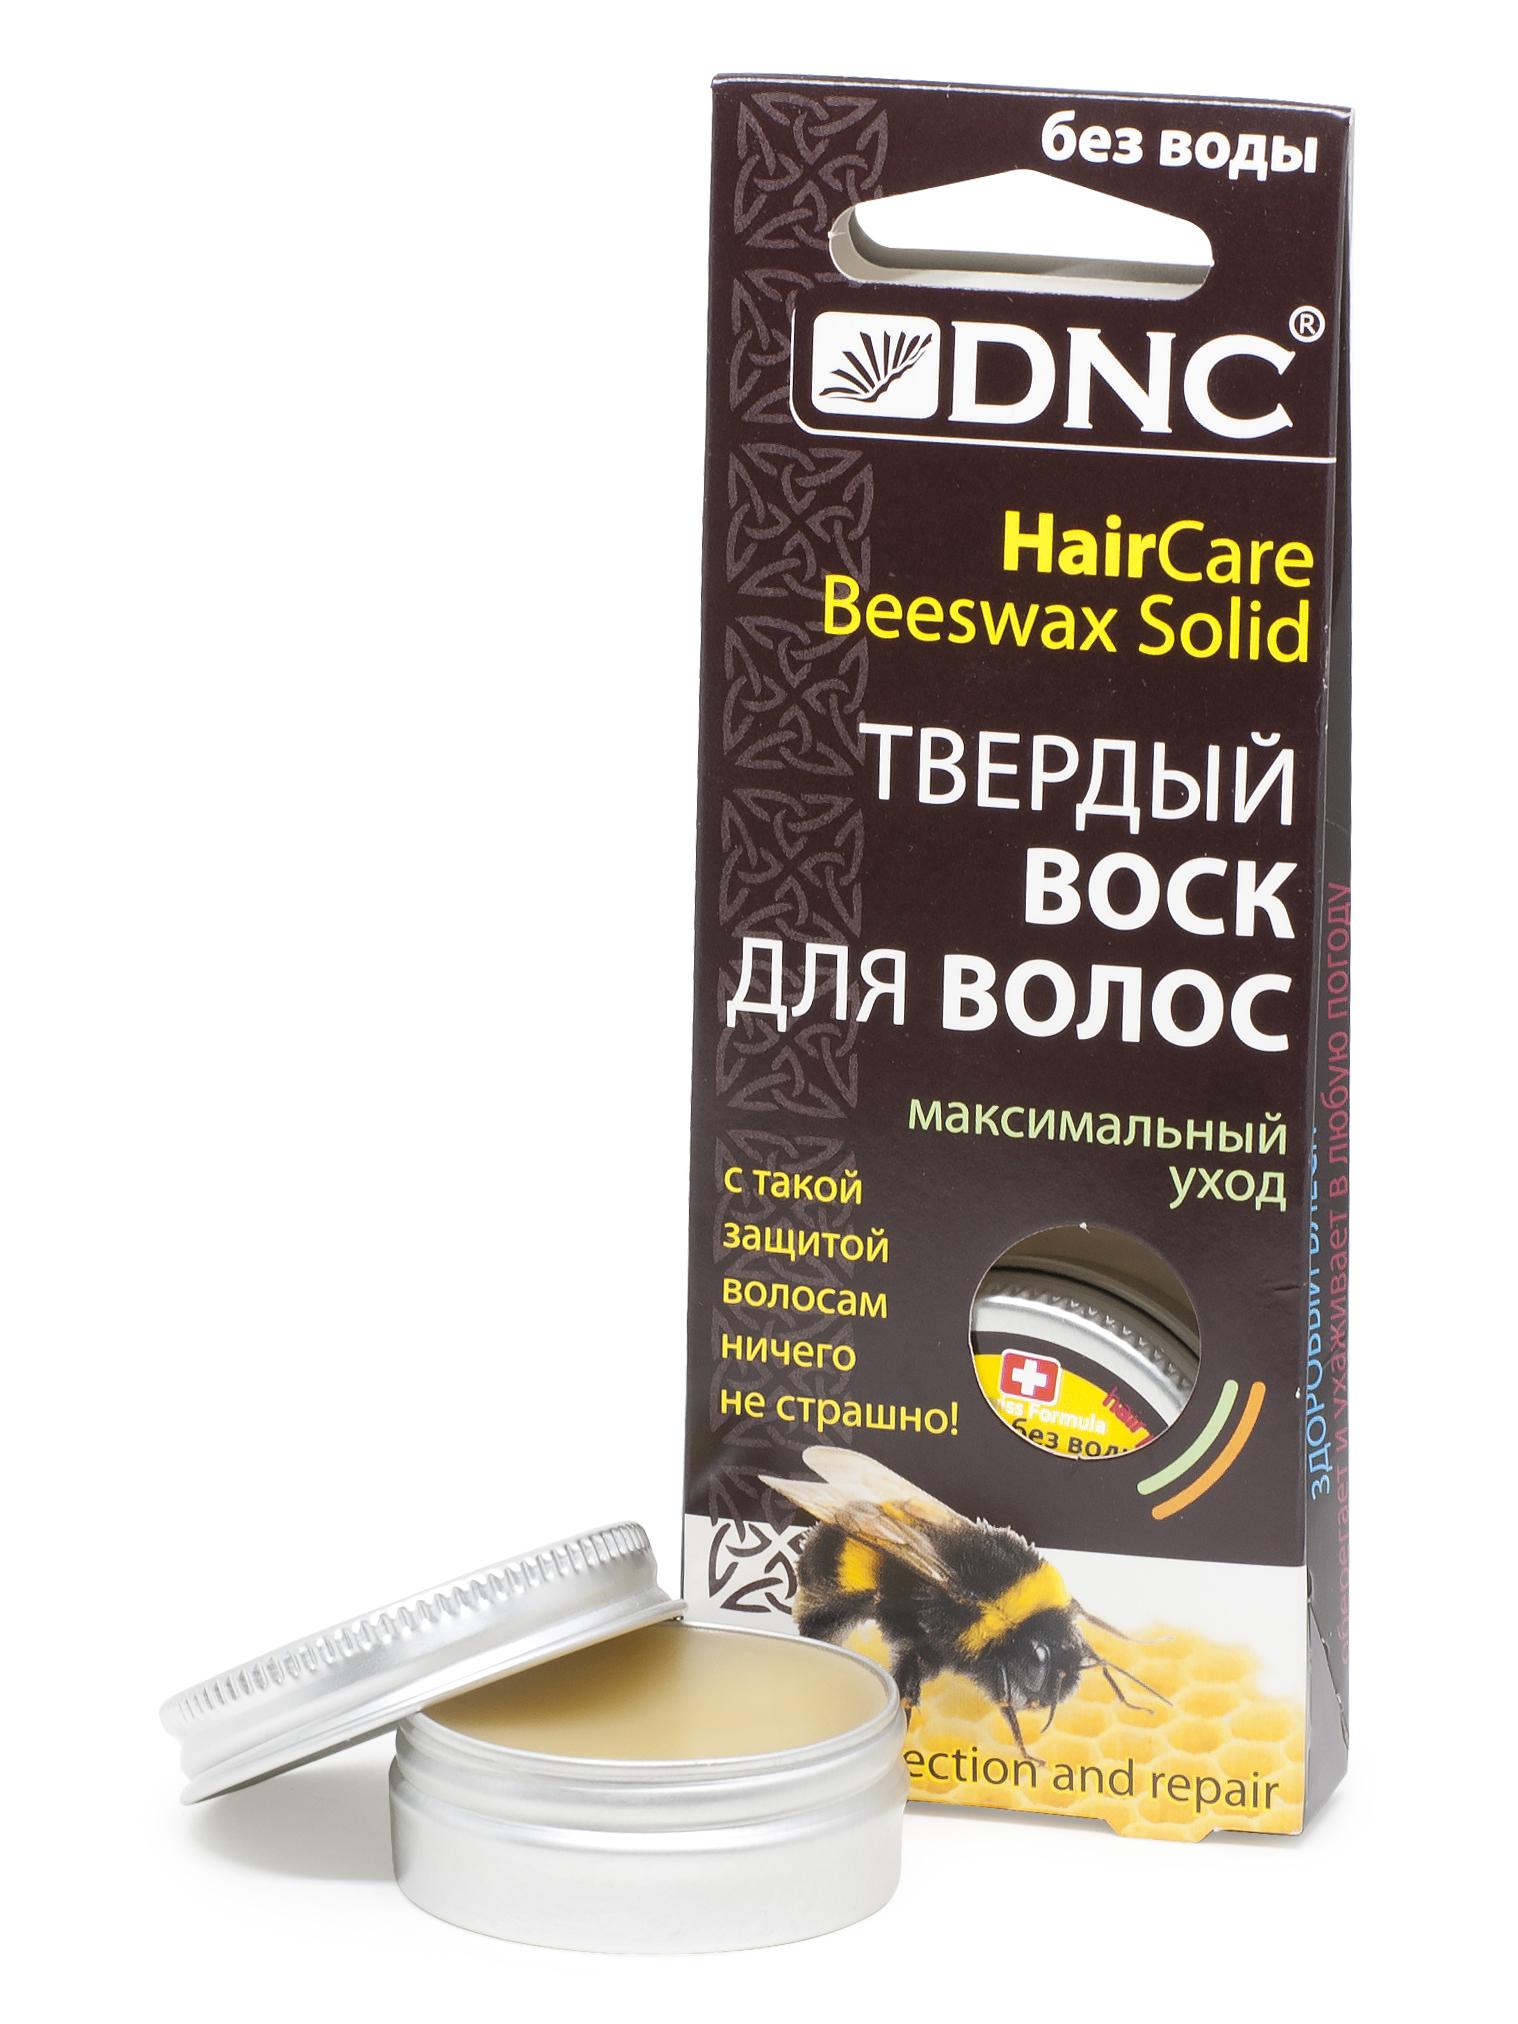 DNC Kosmetika Твердый воск для волос, 15 мл (DNC Kosmetika, Уход за волосами) dnc kosmetika твердый воск для волос 15 мл dnc kosmetika уход за волосами